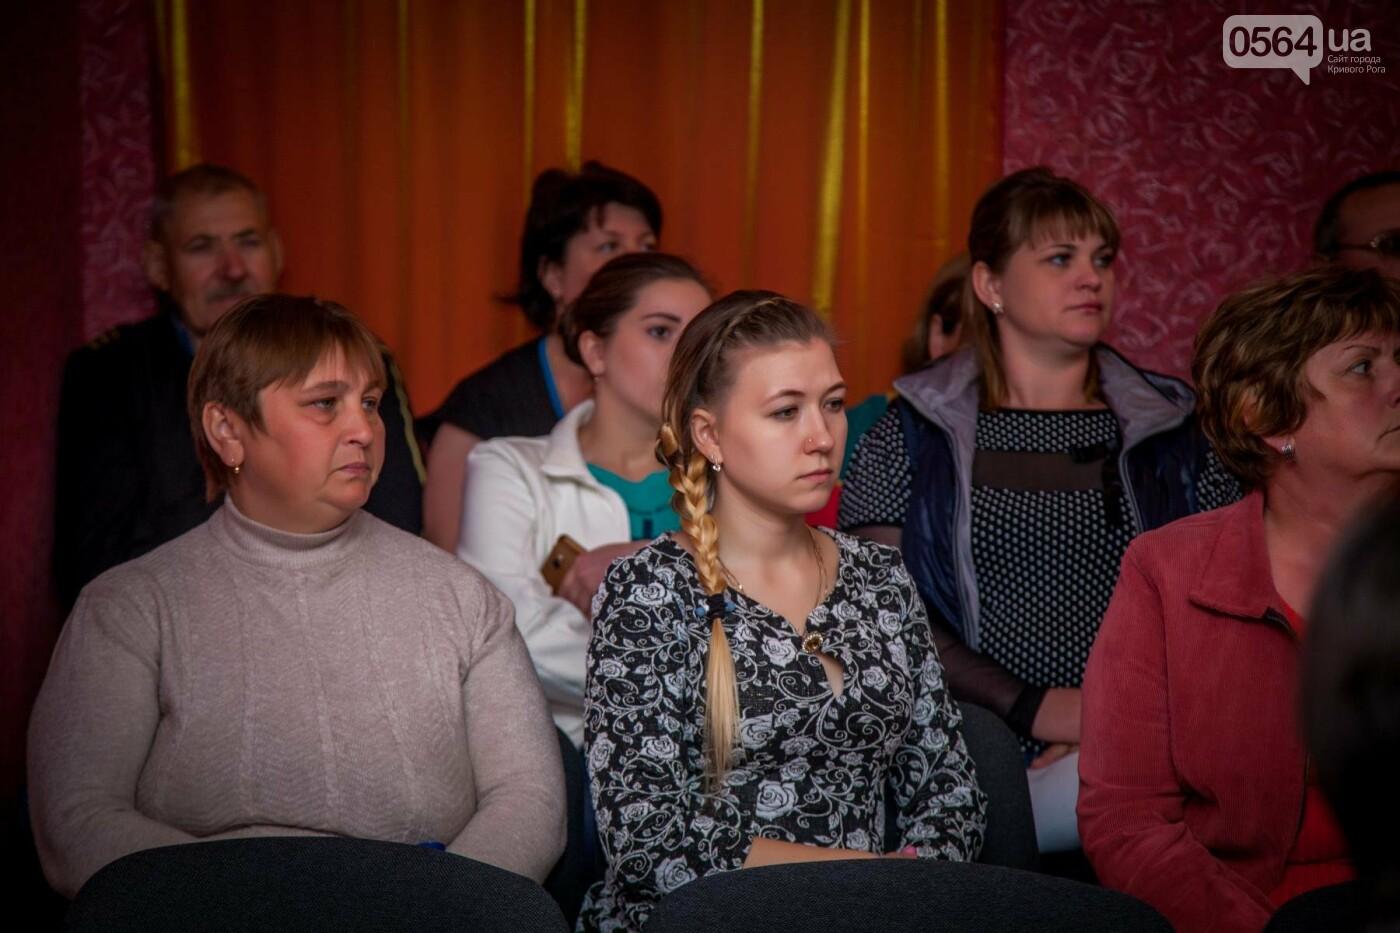 ЮГОК направит 3,5 миллиона гривен на развитие Новолатовской объединенной громады, фото-1